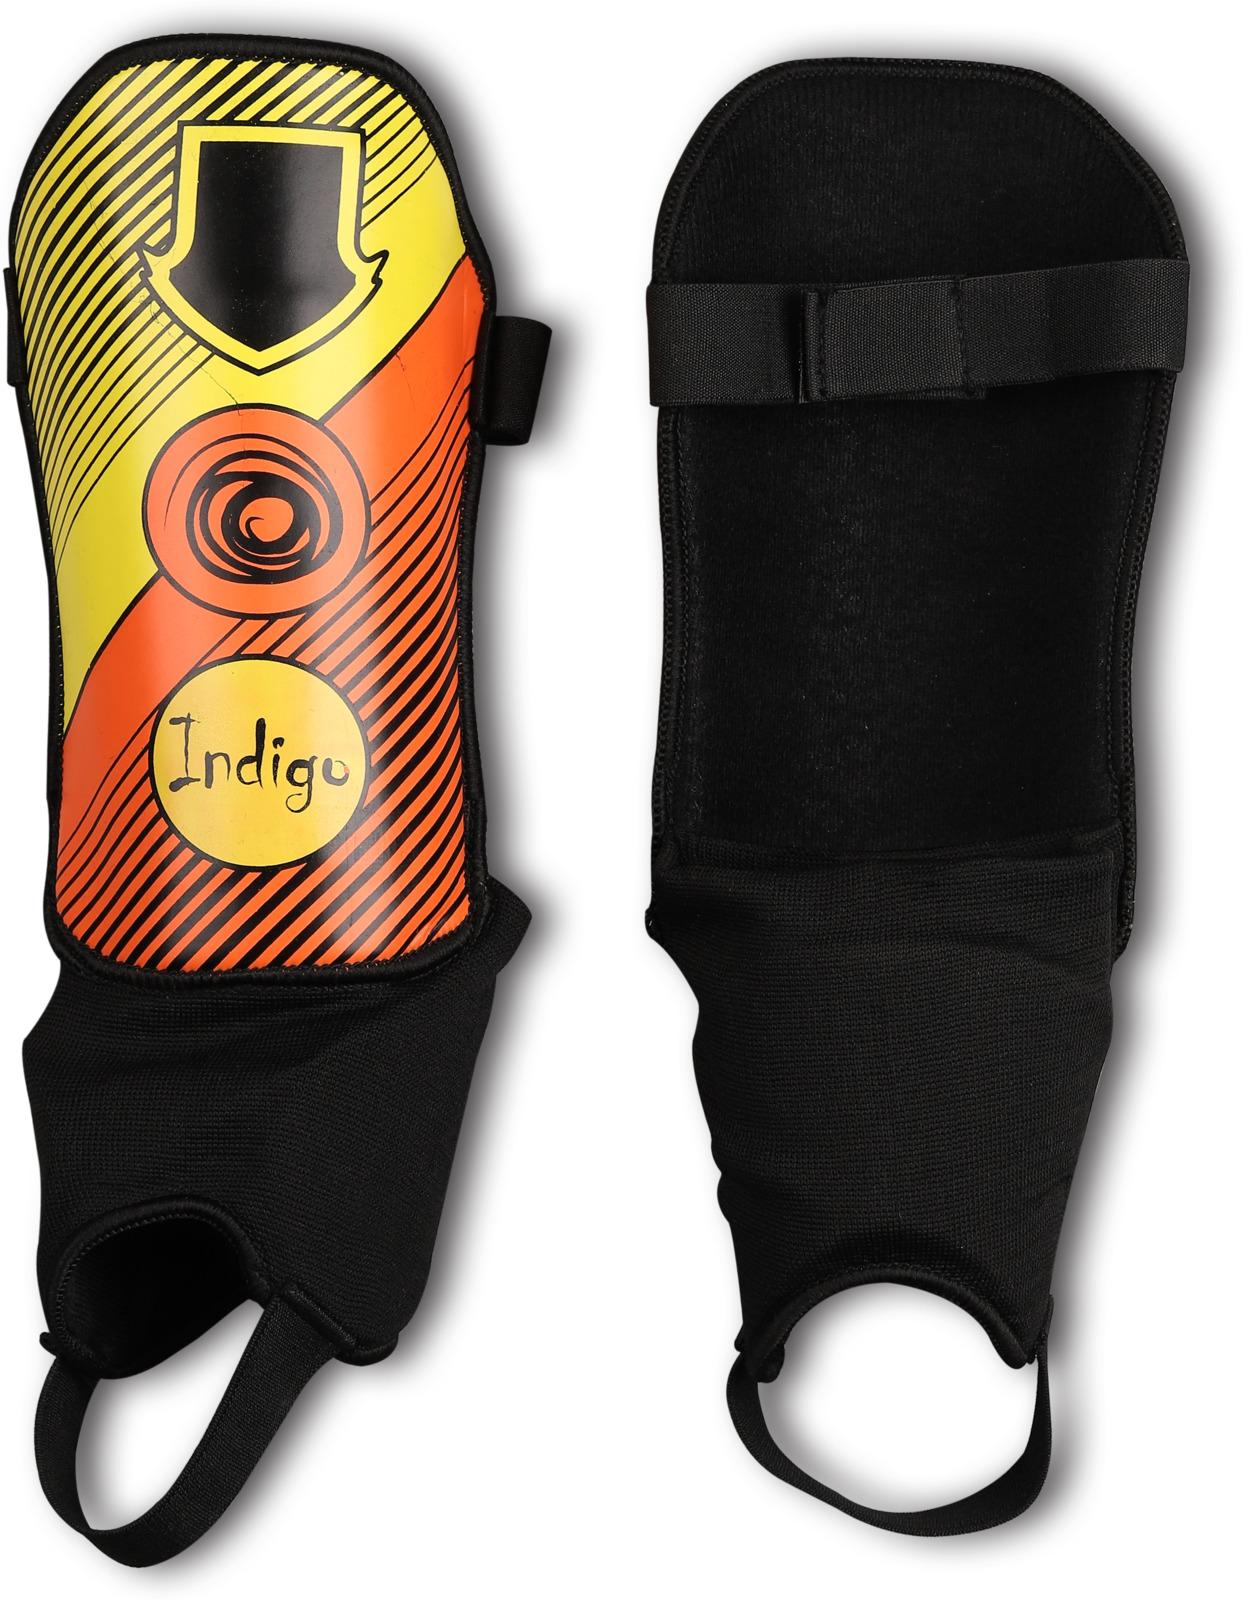 Щитки футбольные Indigo, с защитой щиколотки с дополнительным покрытием, 1250, черный, оранжевый, желтый, размер S